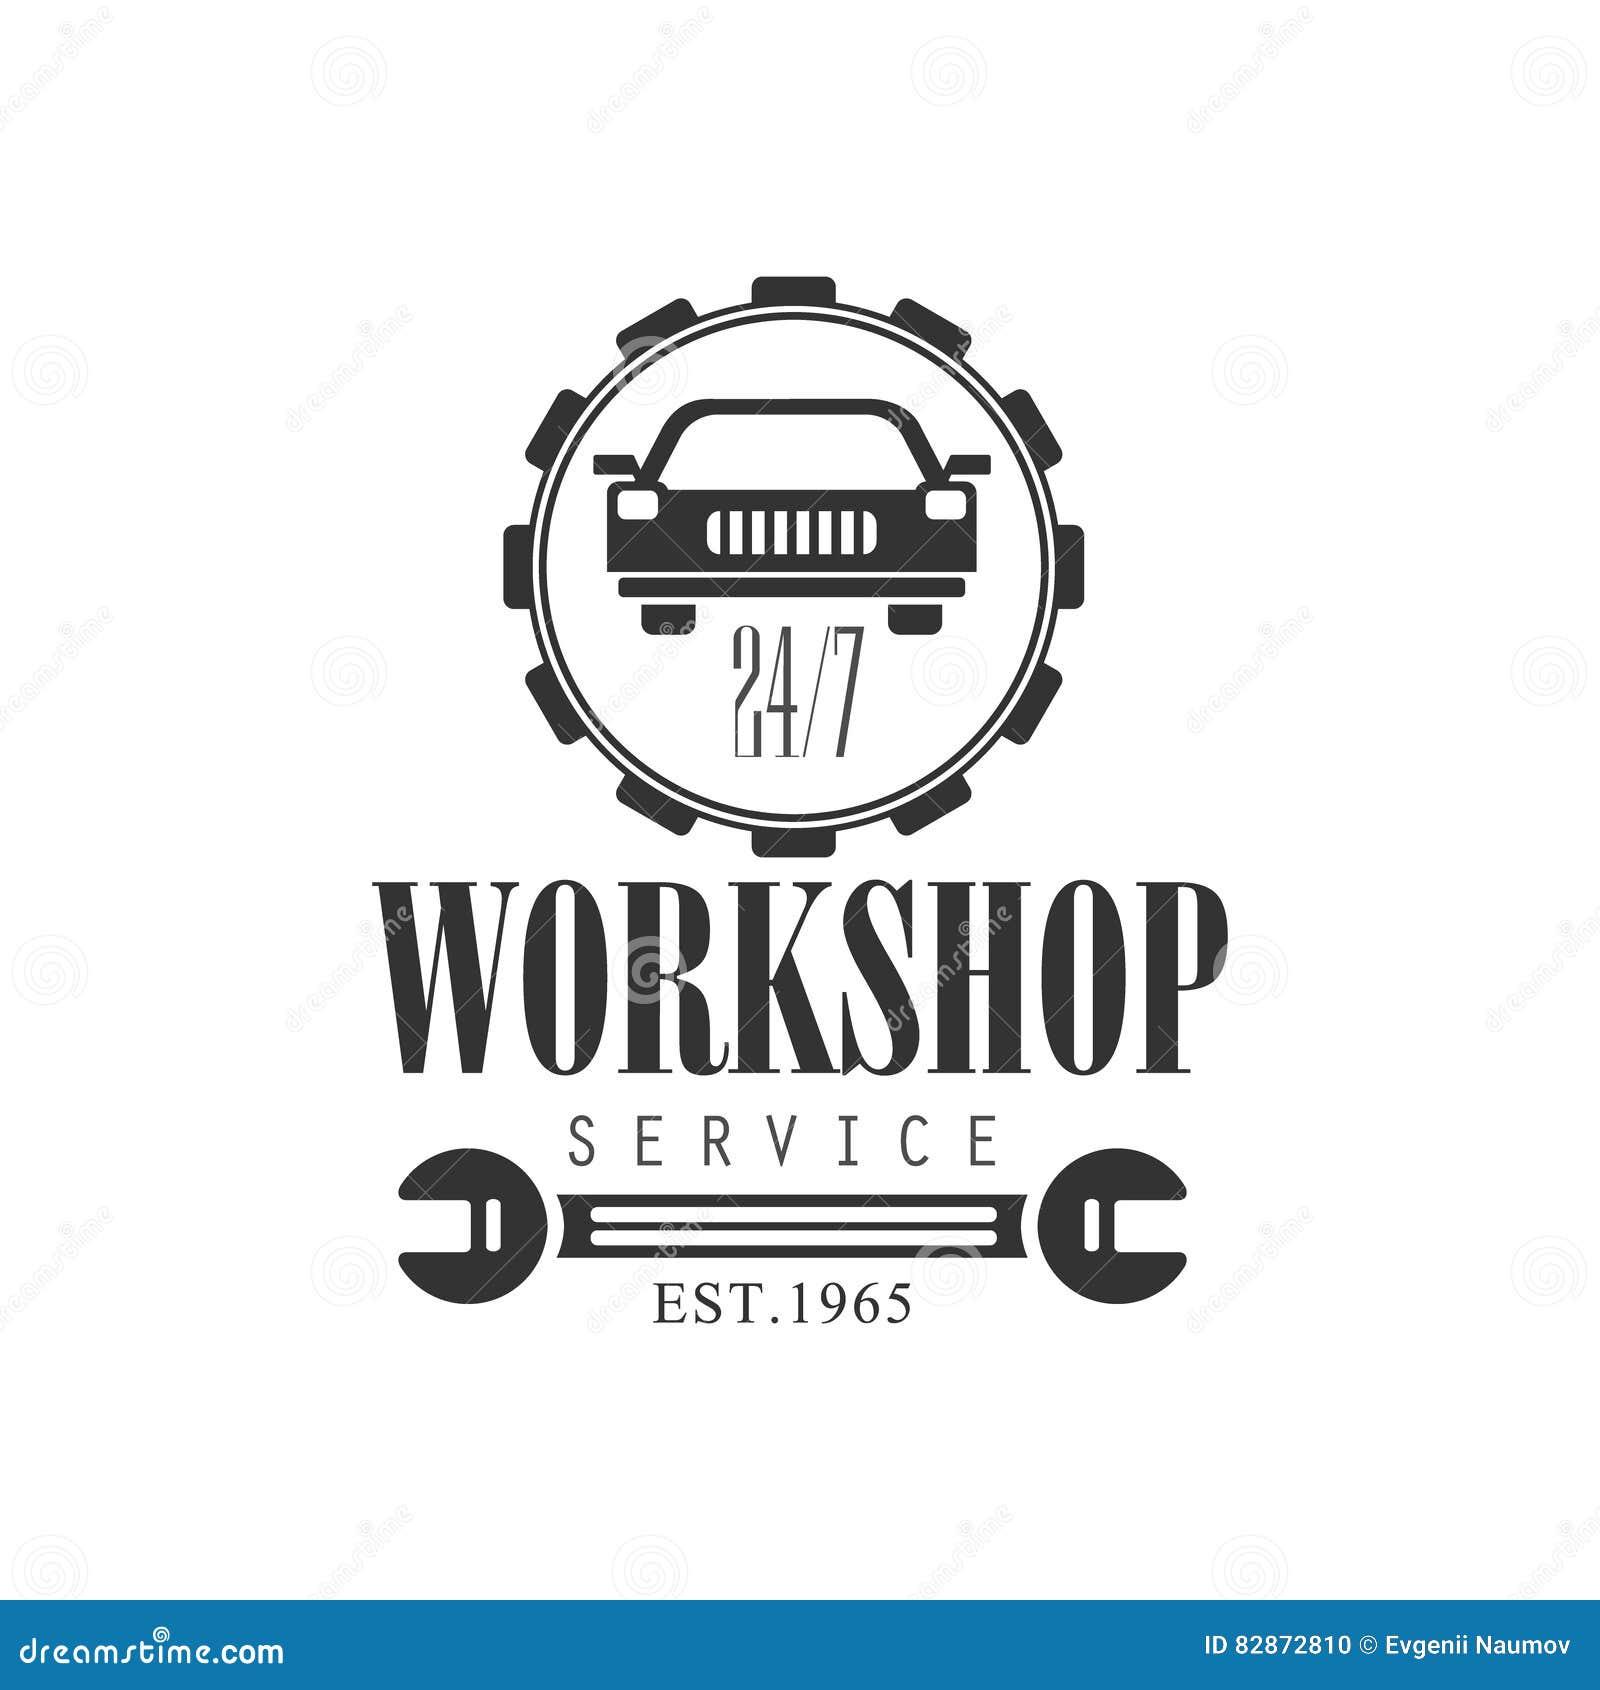 Design car repair workshop - Car Repair Workshop Service Black And White Label Design Template